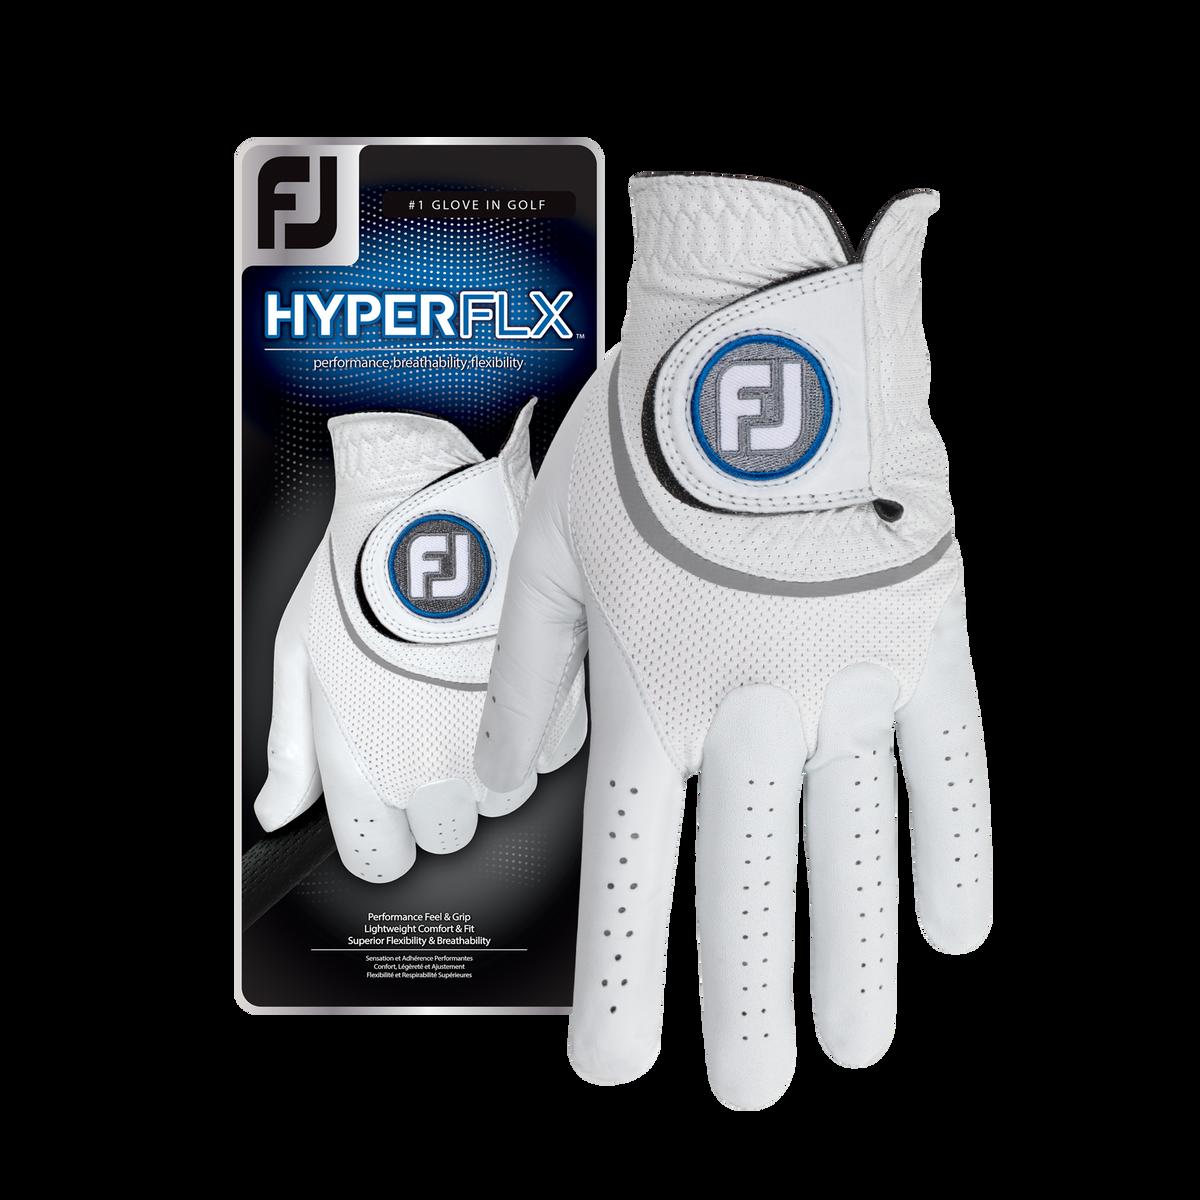 HyperFLX